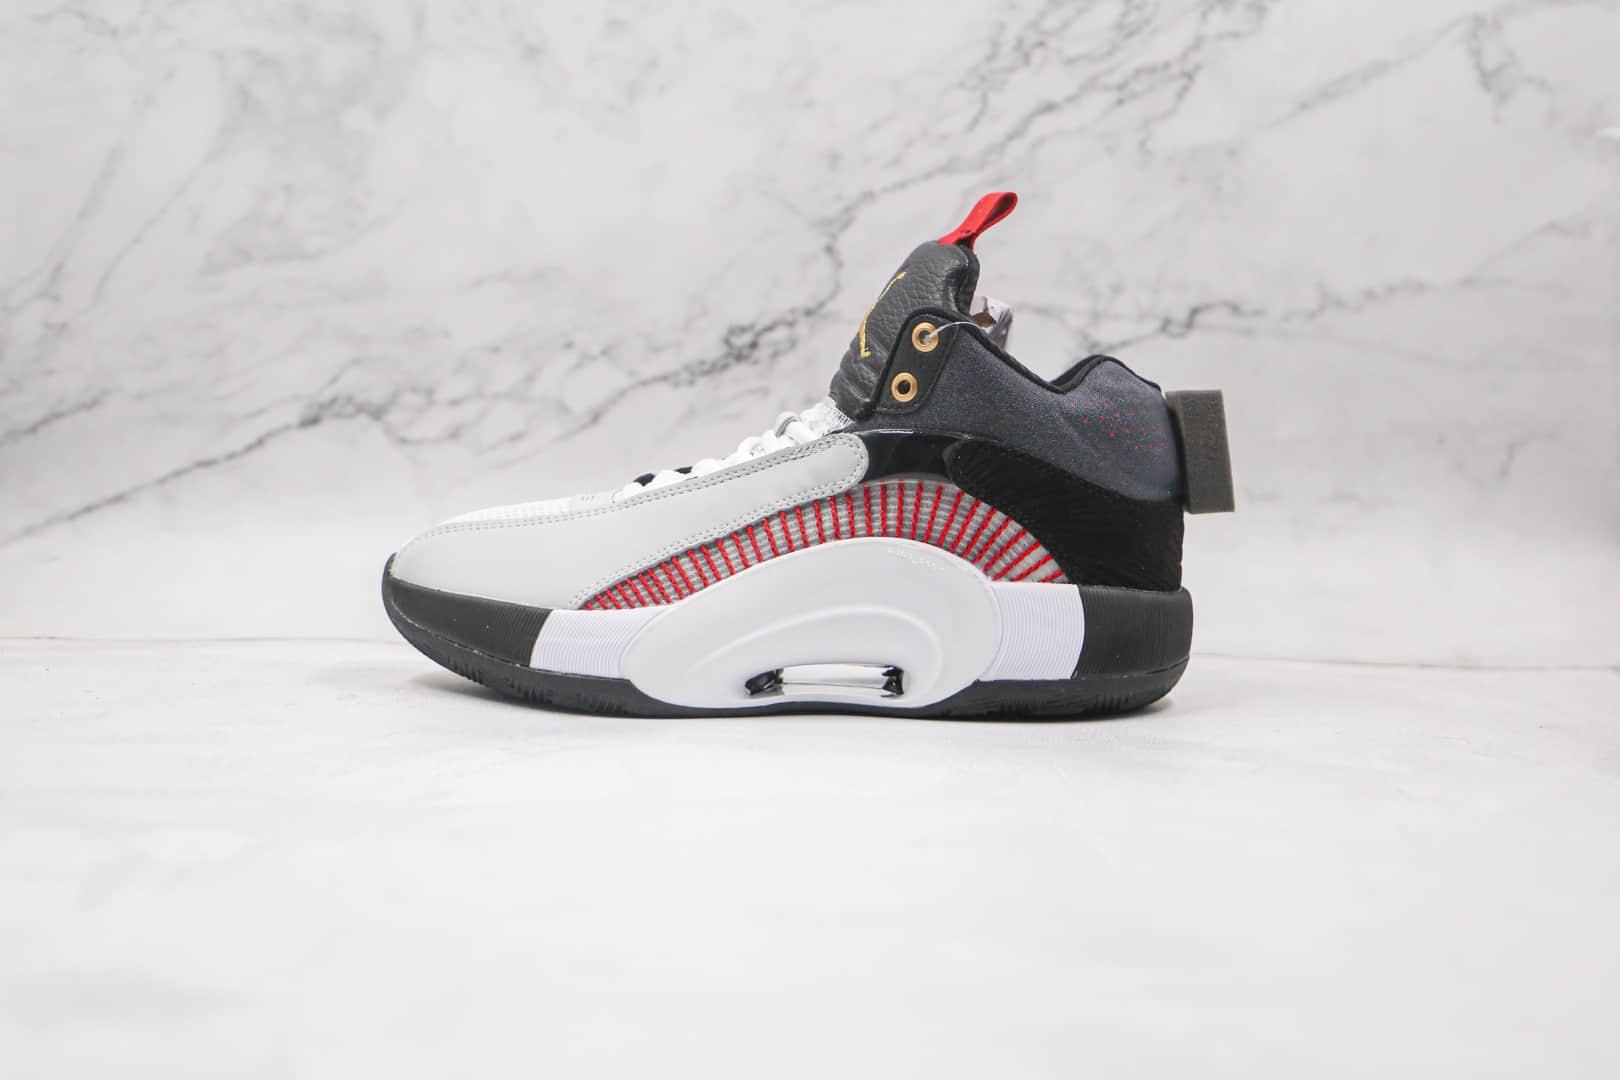 乔丹Air Jordan Jordan XXXV纯原版本白红黑色AJ35篮球鞋内置气垫支持实战 货号:DA4701-001